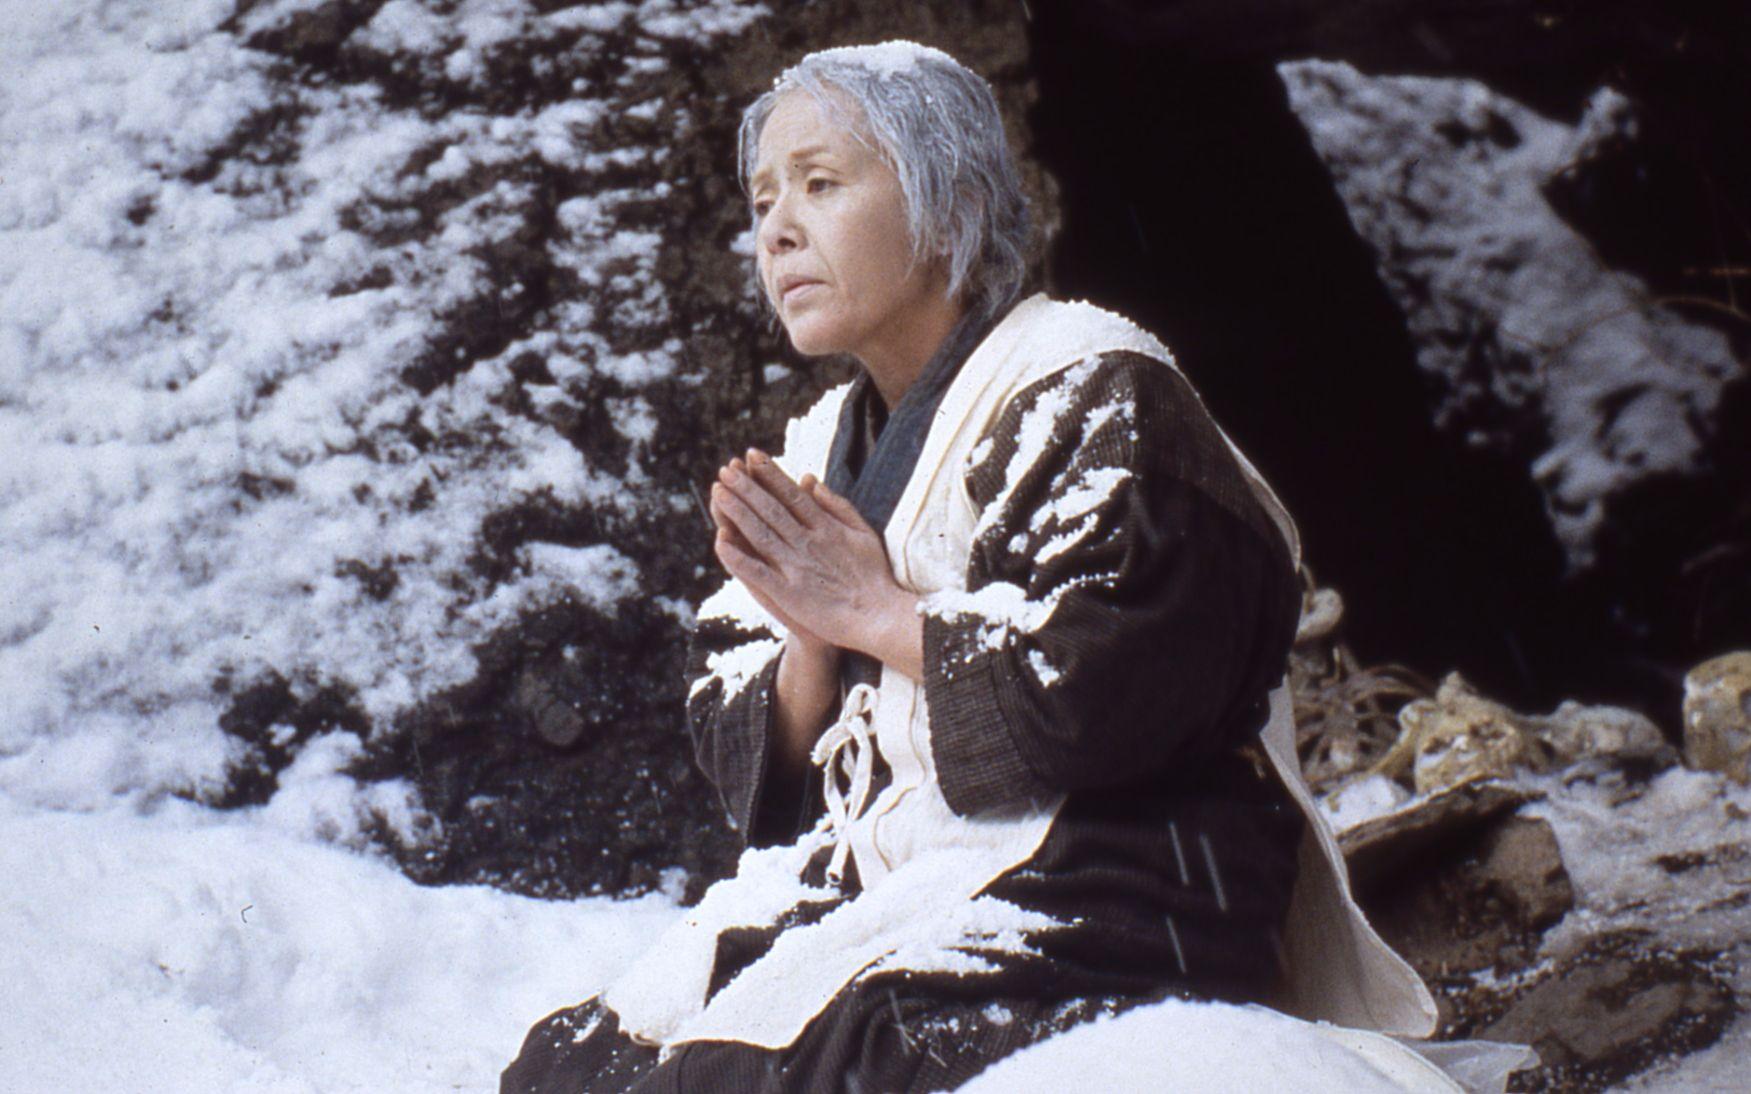 #经典看电影#贫穷下的情和欲《楢山节考》中年光棍40年没摸过女人